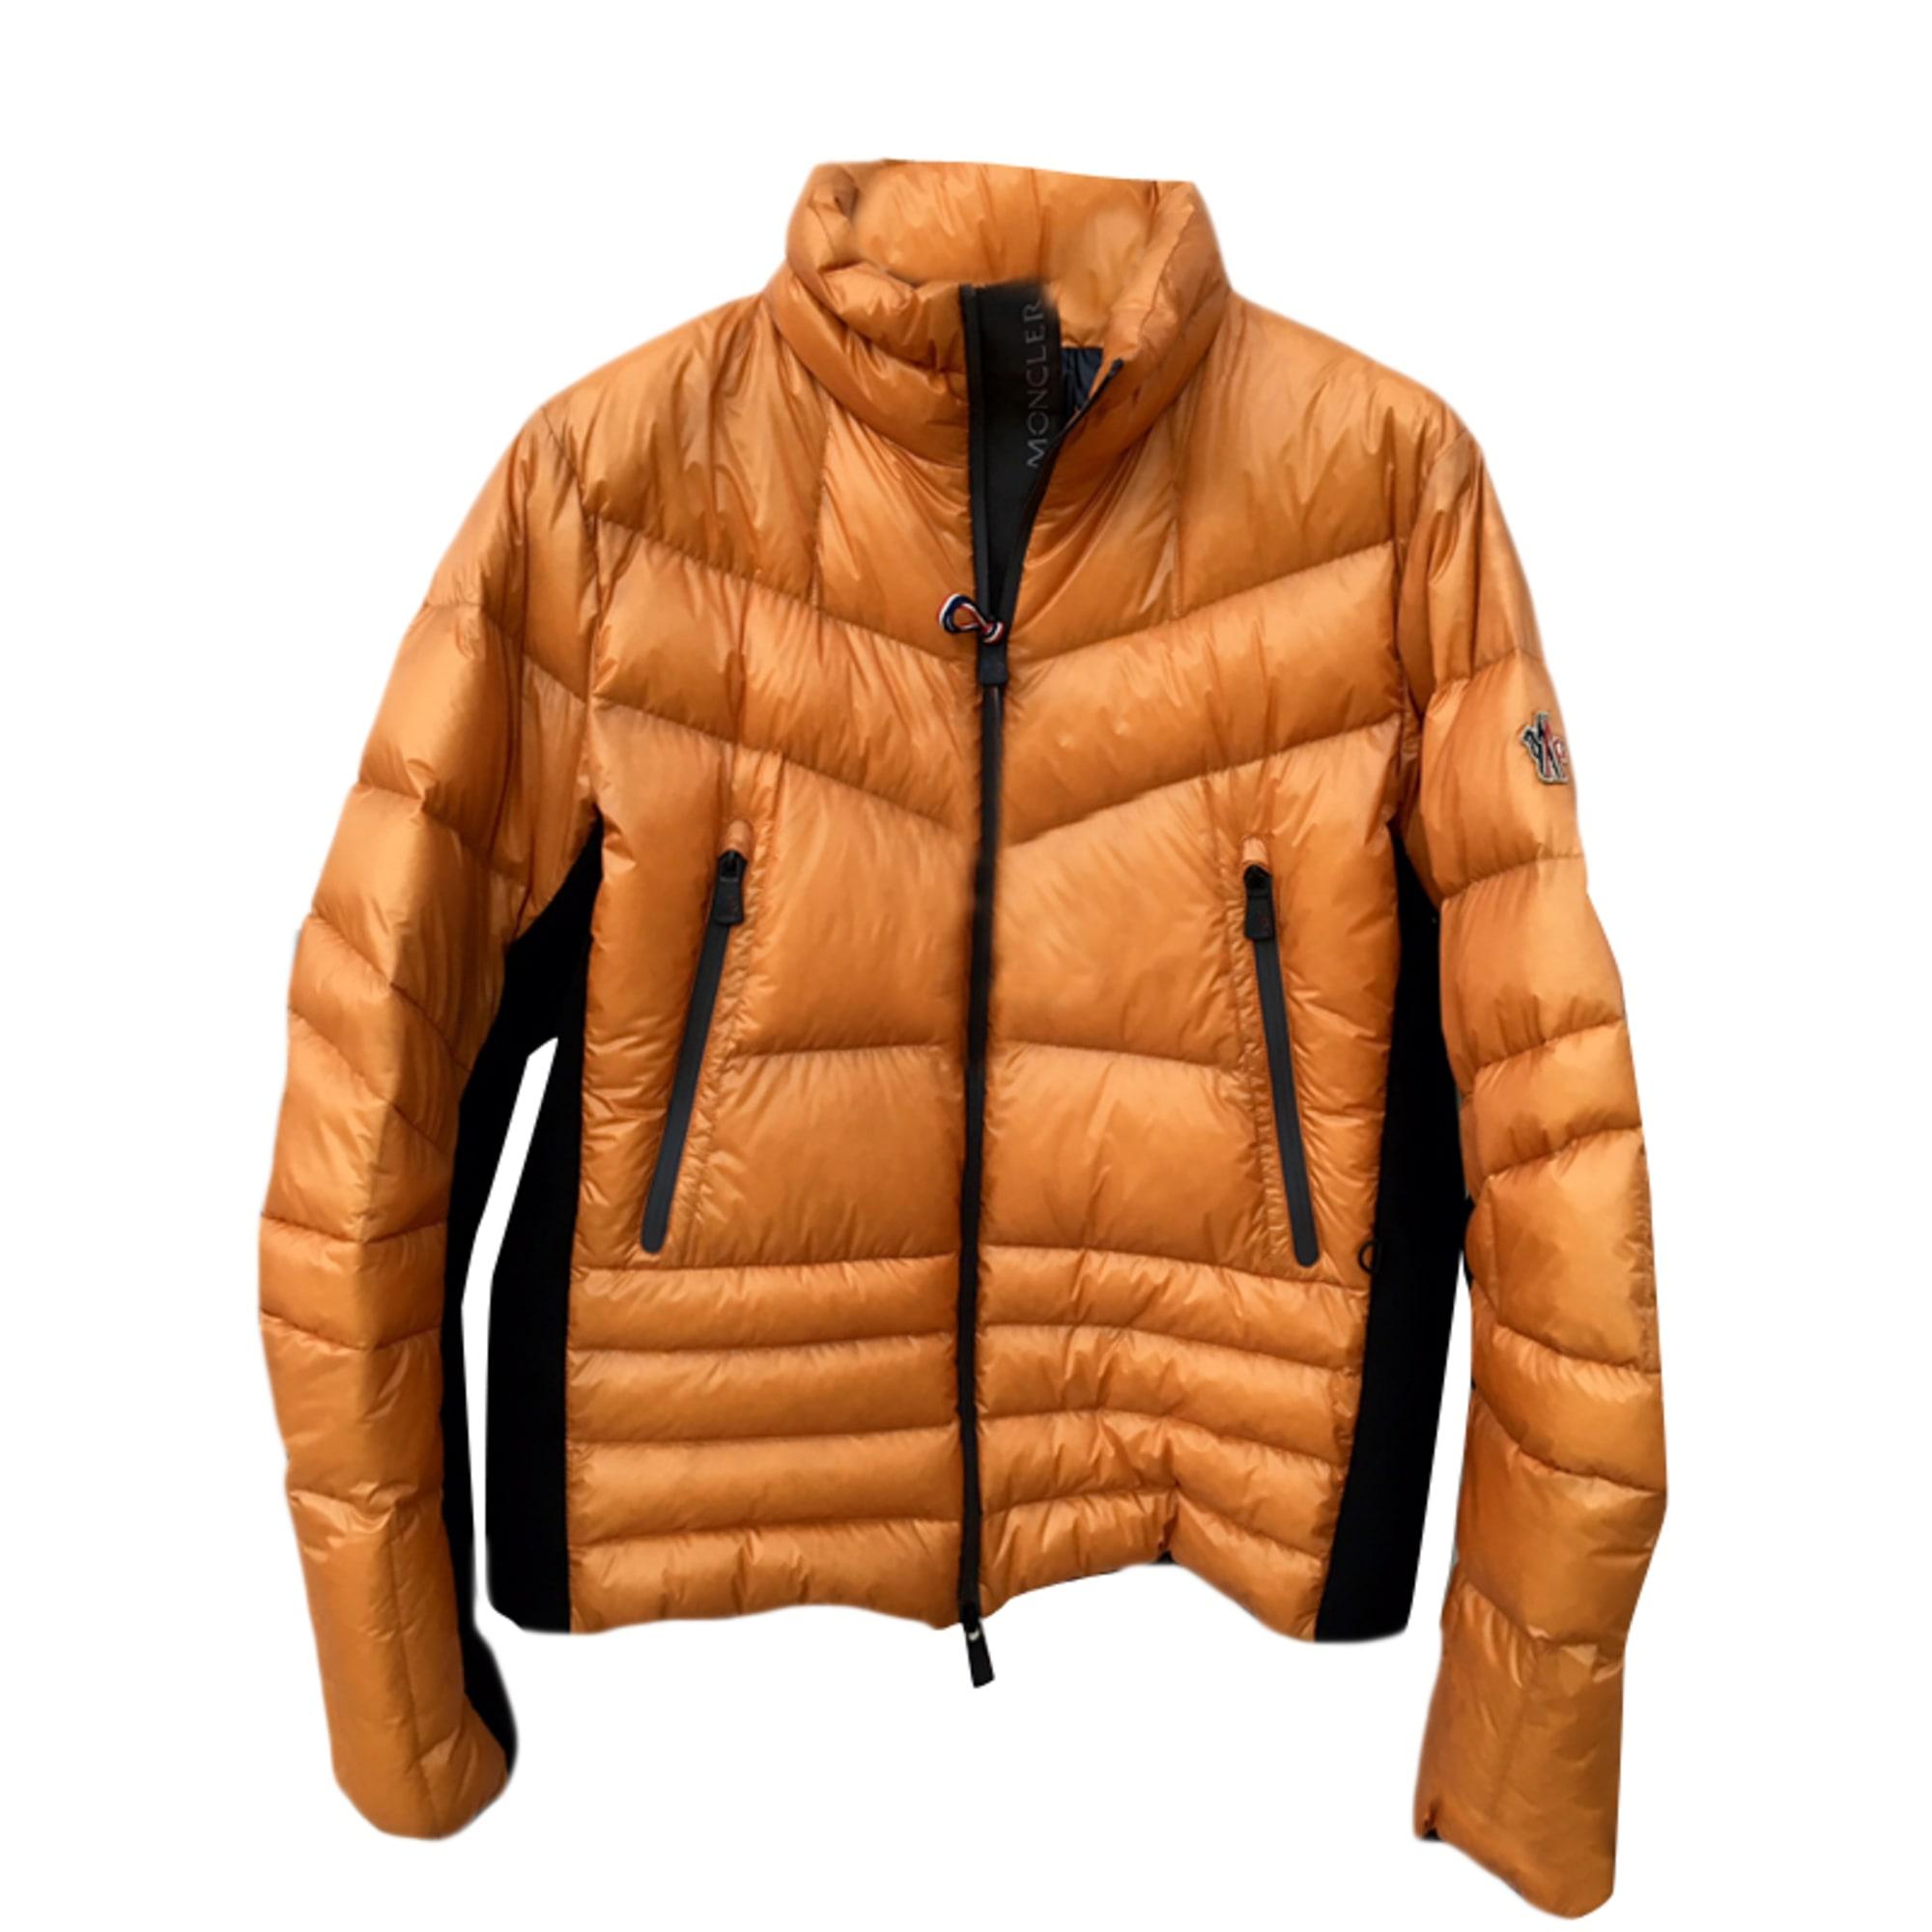 Doudoune MONCLER 54 (L) orange vendu par Jocelyn255046 - 4125996 e3e9f8687f3